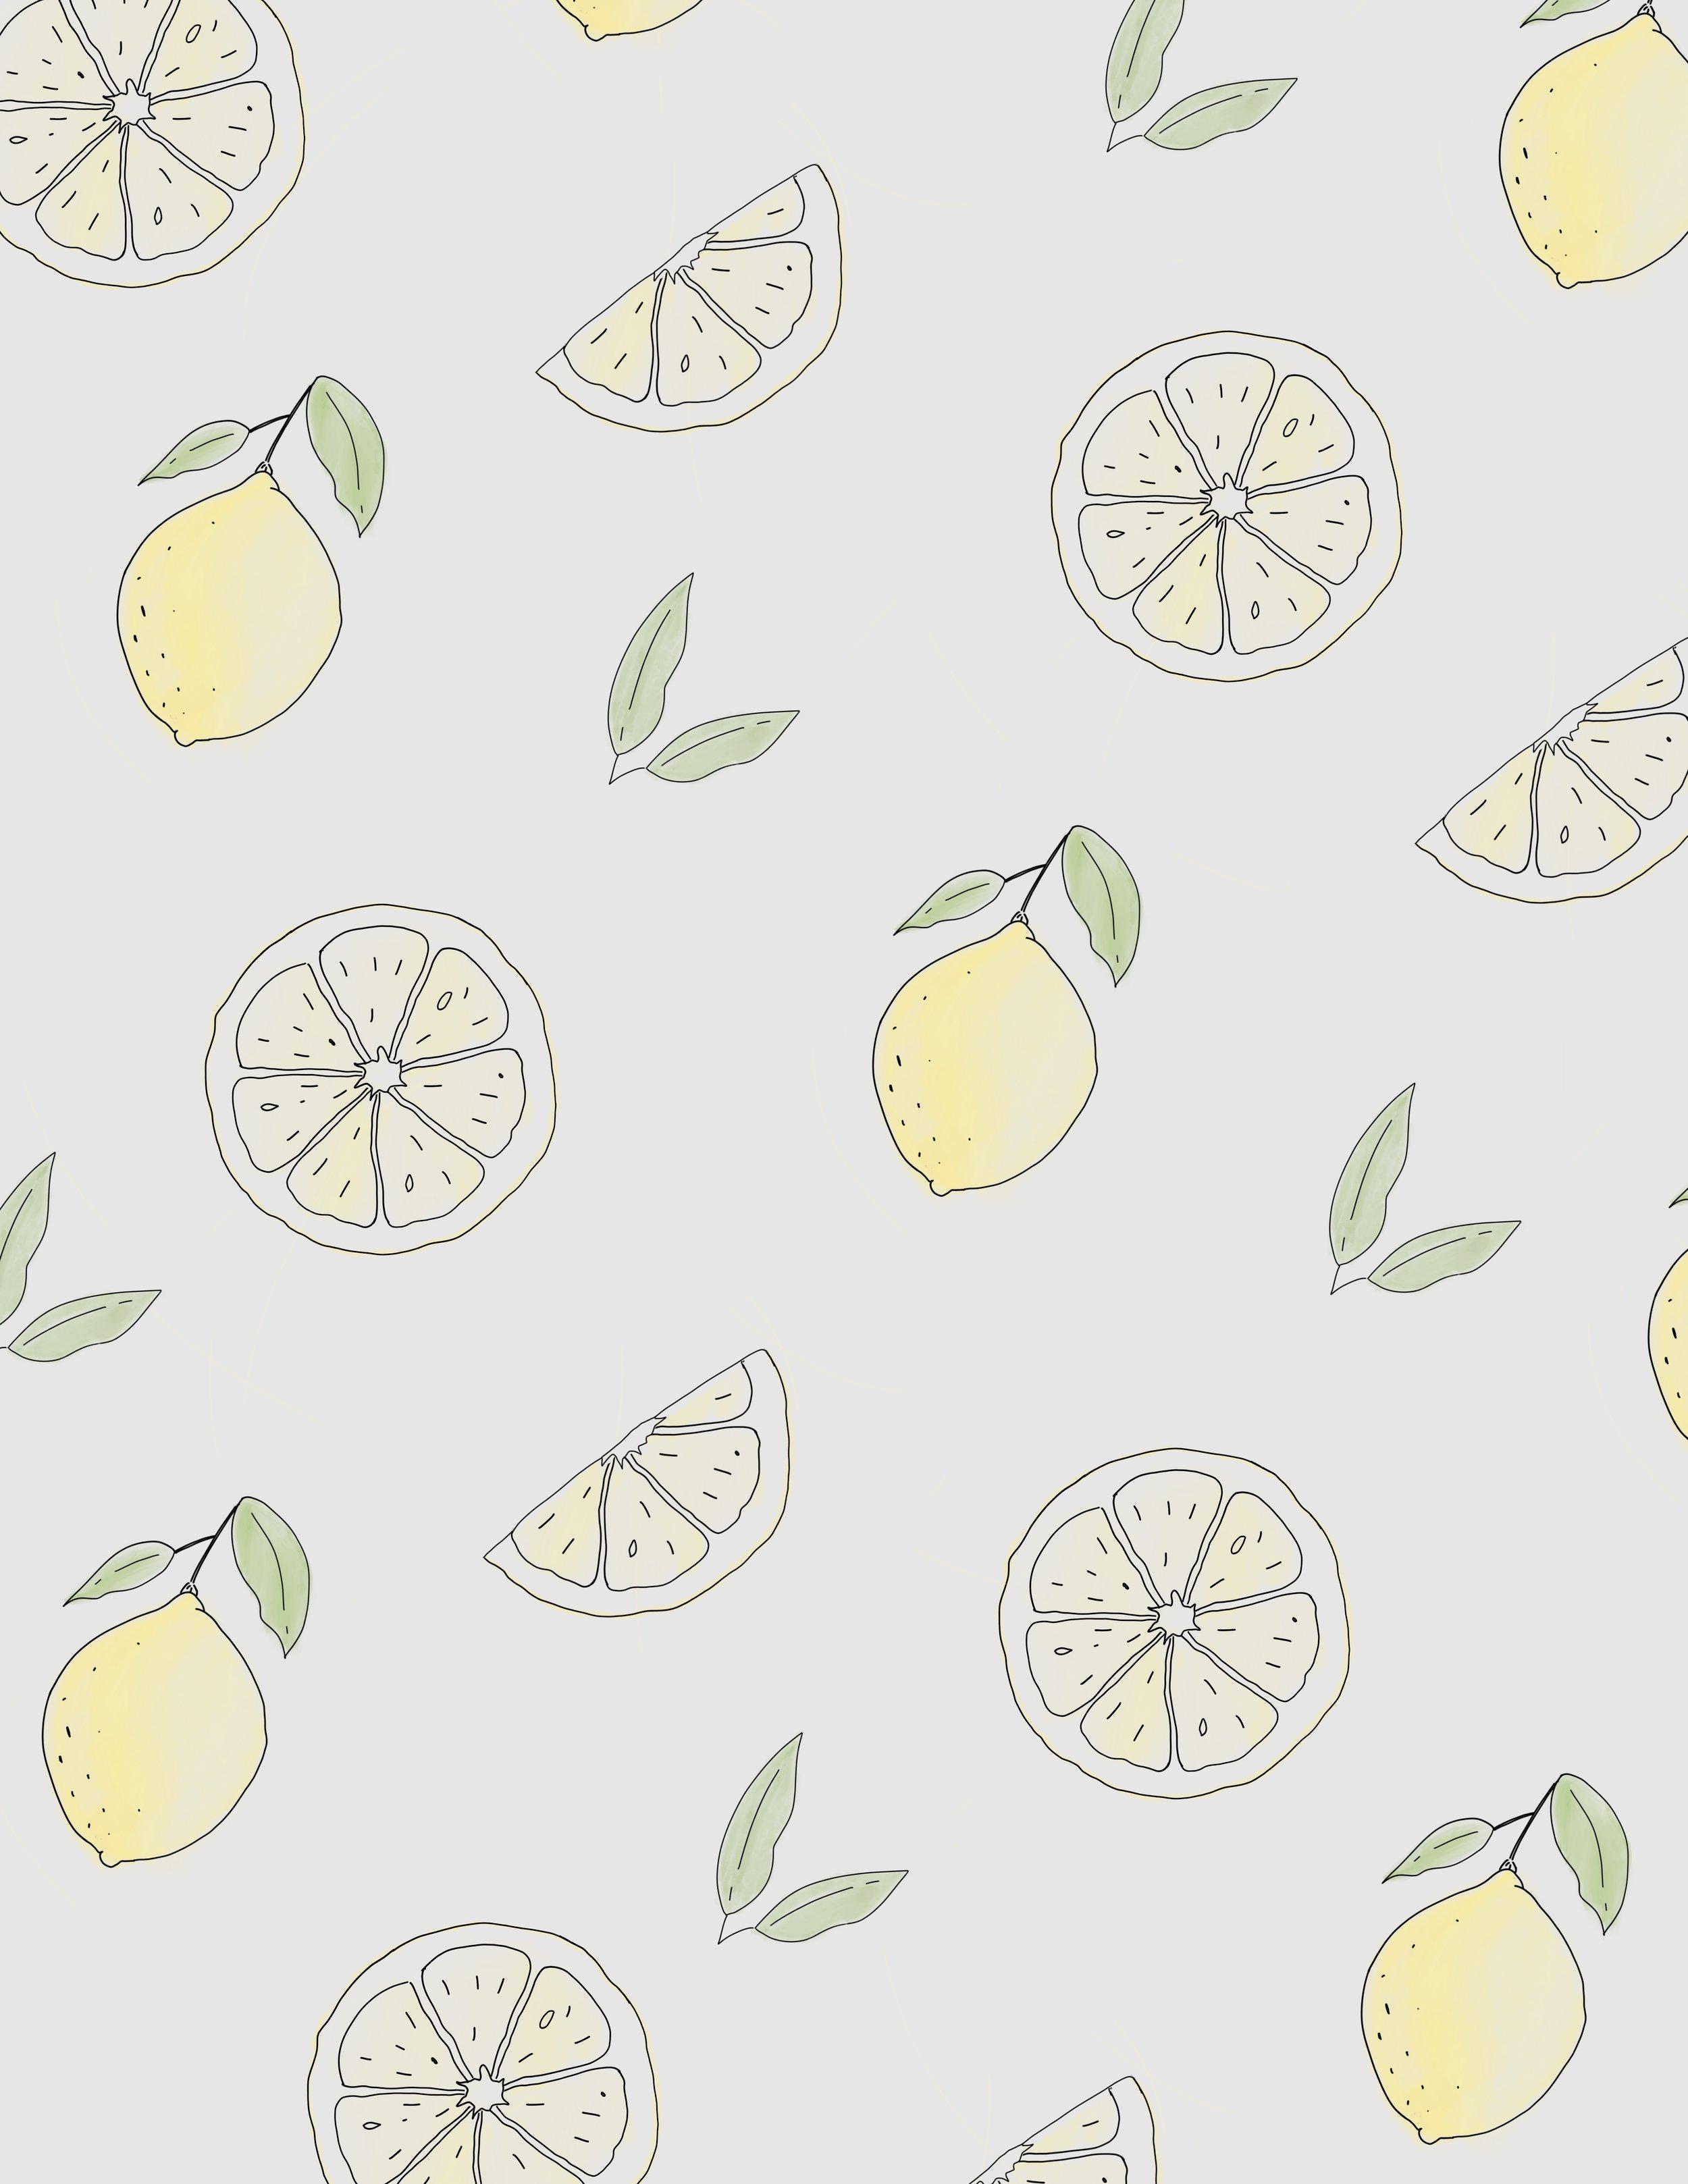 Lemon Illustration - Art Print